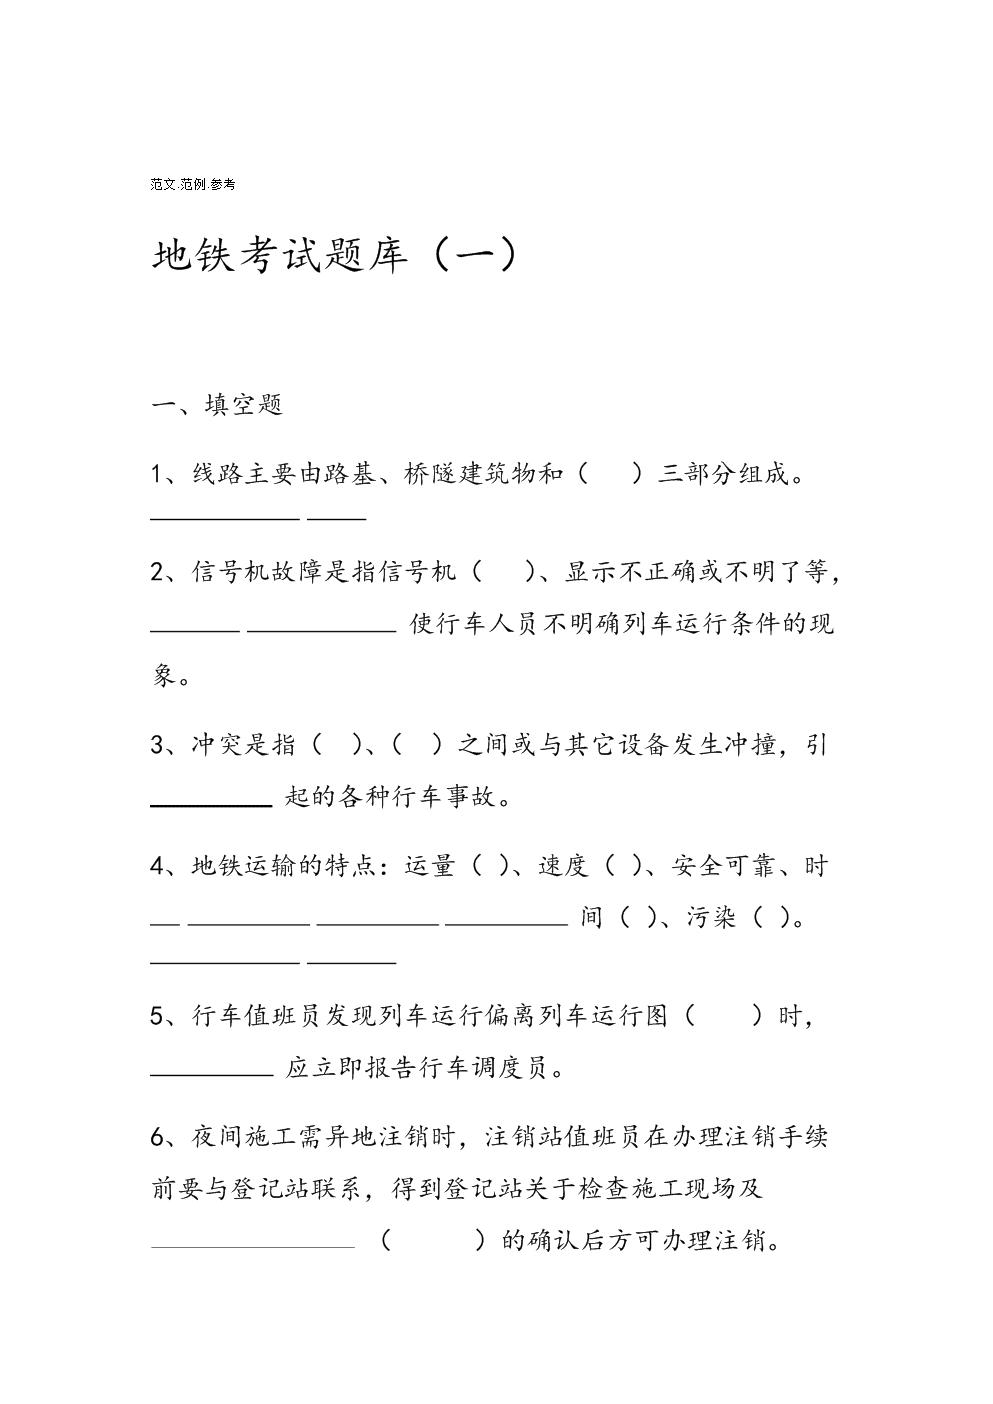 完整word版地铁考试题库一.doc